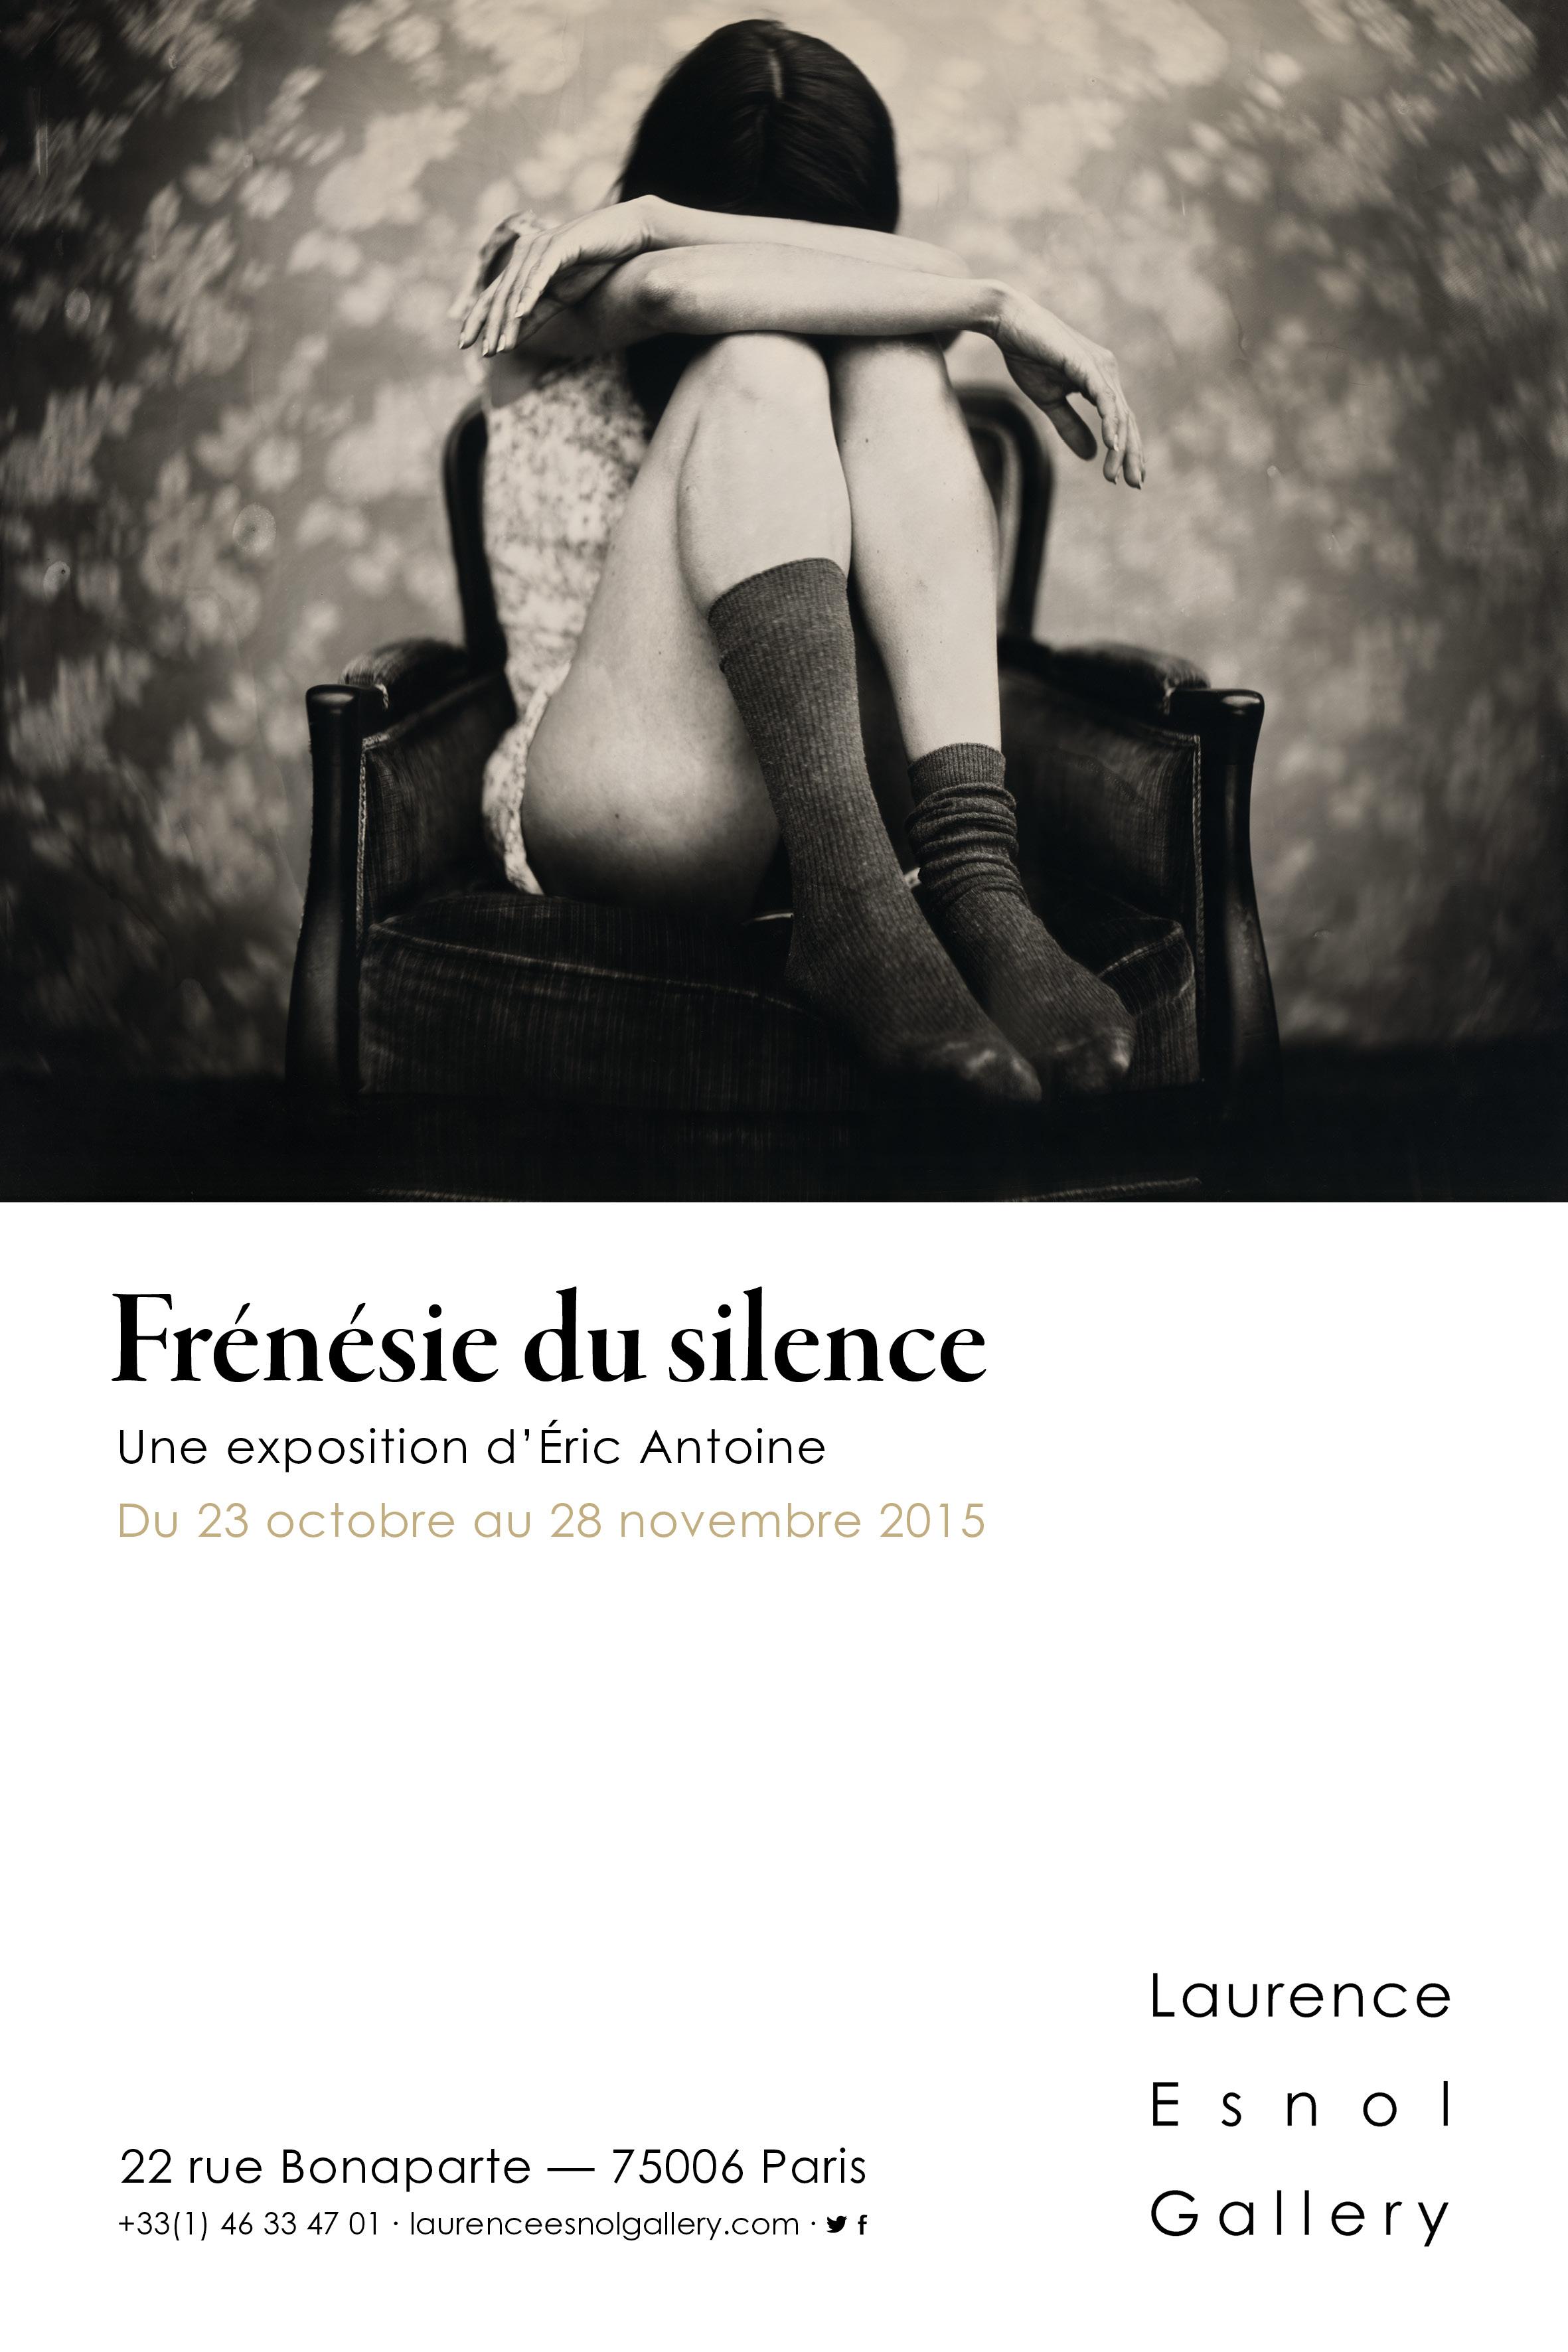 Frénésie du Silence